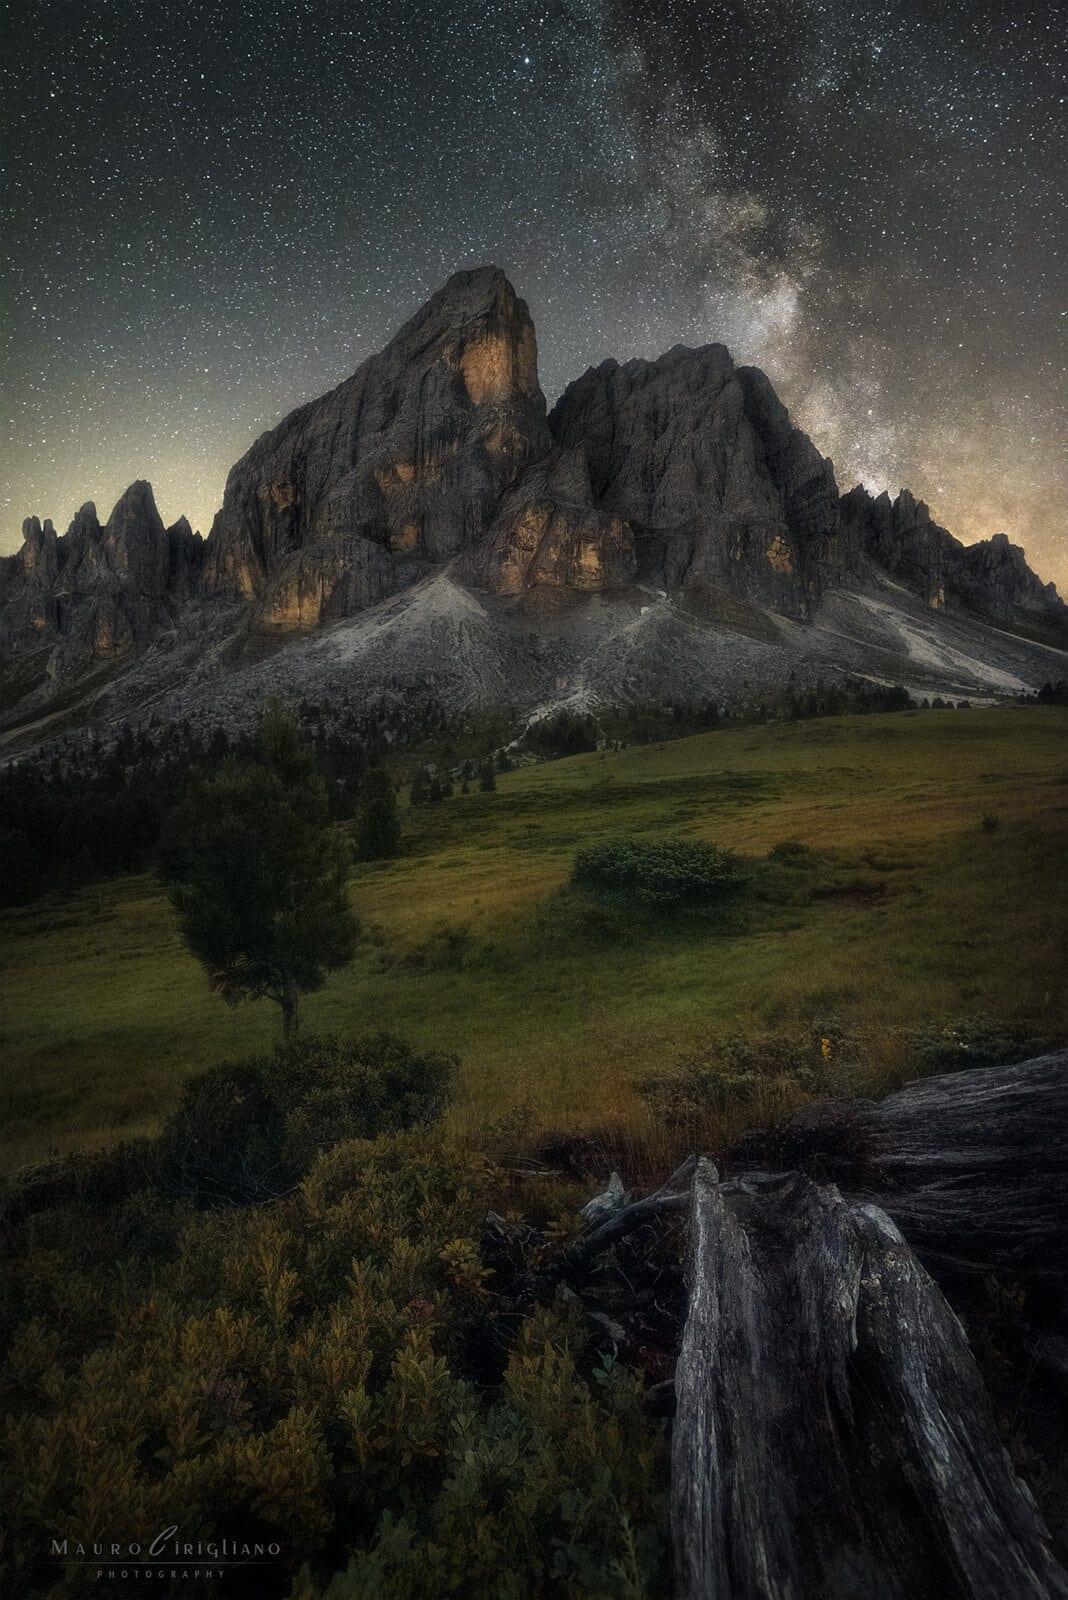 montagna passo delle erbe sotto cielo stellato e tronco secco in primo piano